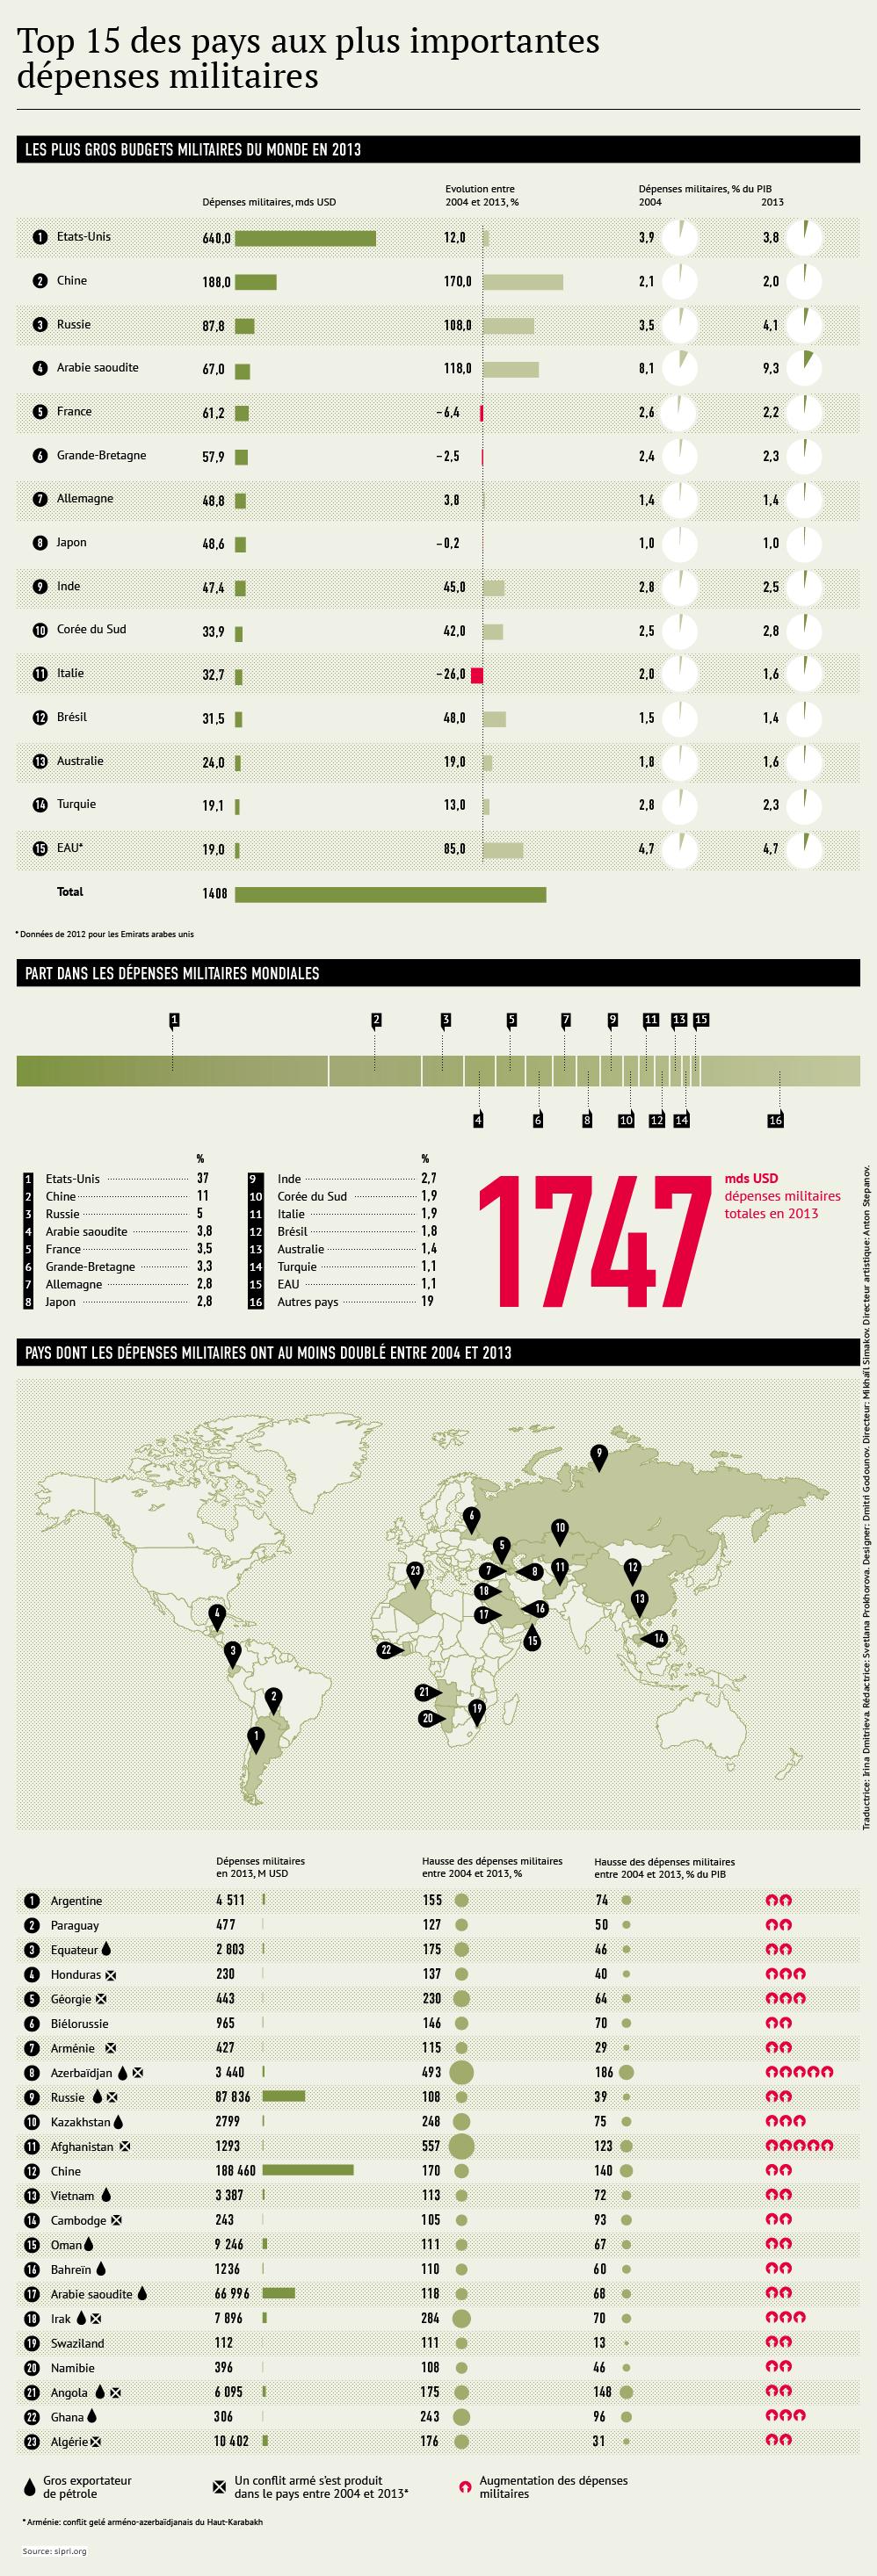 الجزائر ثالث مستورد للأسلحة والأنظمة الحربية الإيطالية عام  2013 - صفحة 2 1014307660